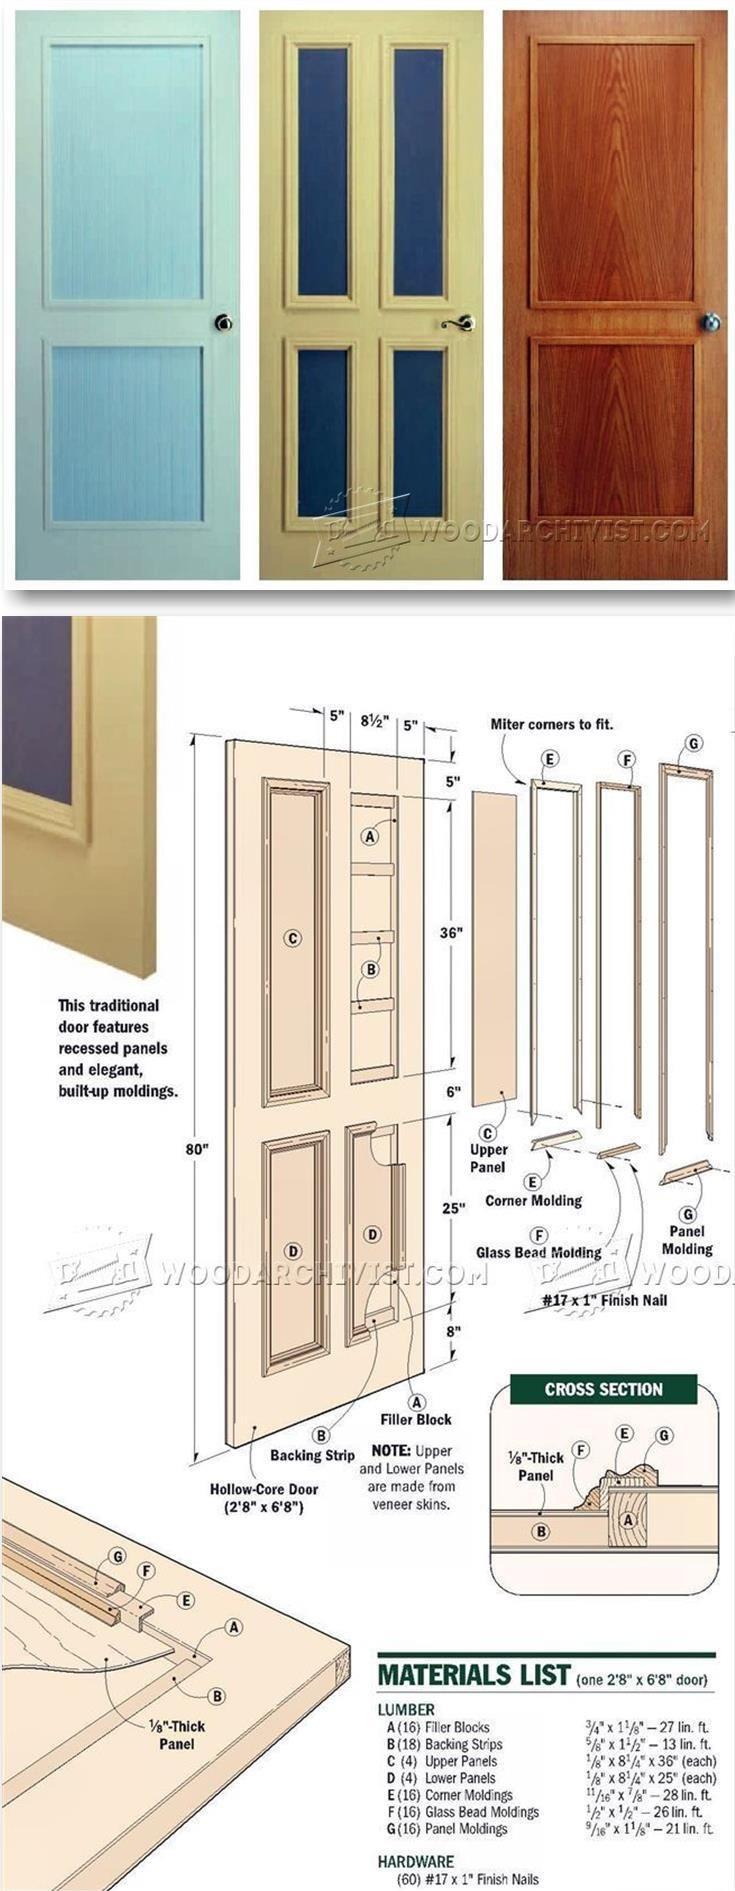 Making Interior Doors Door Construction And Techniques Woodarchivist Com Woodworking Diy Remodel Woodworking Plans